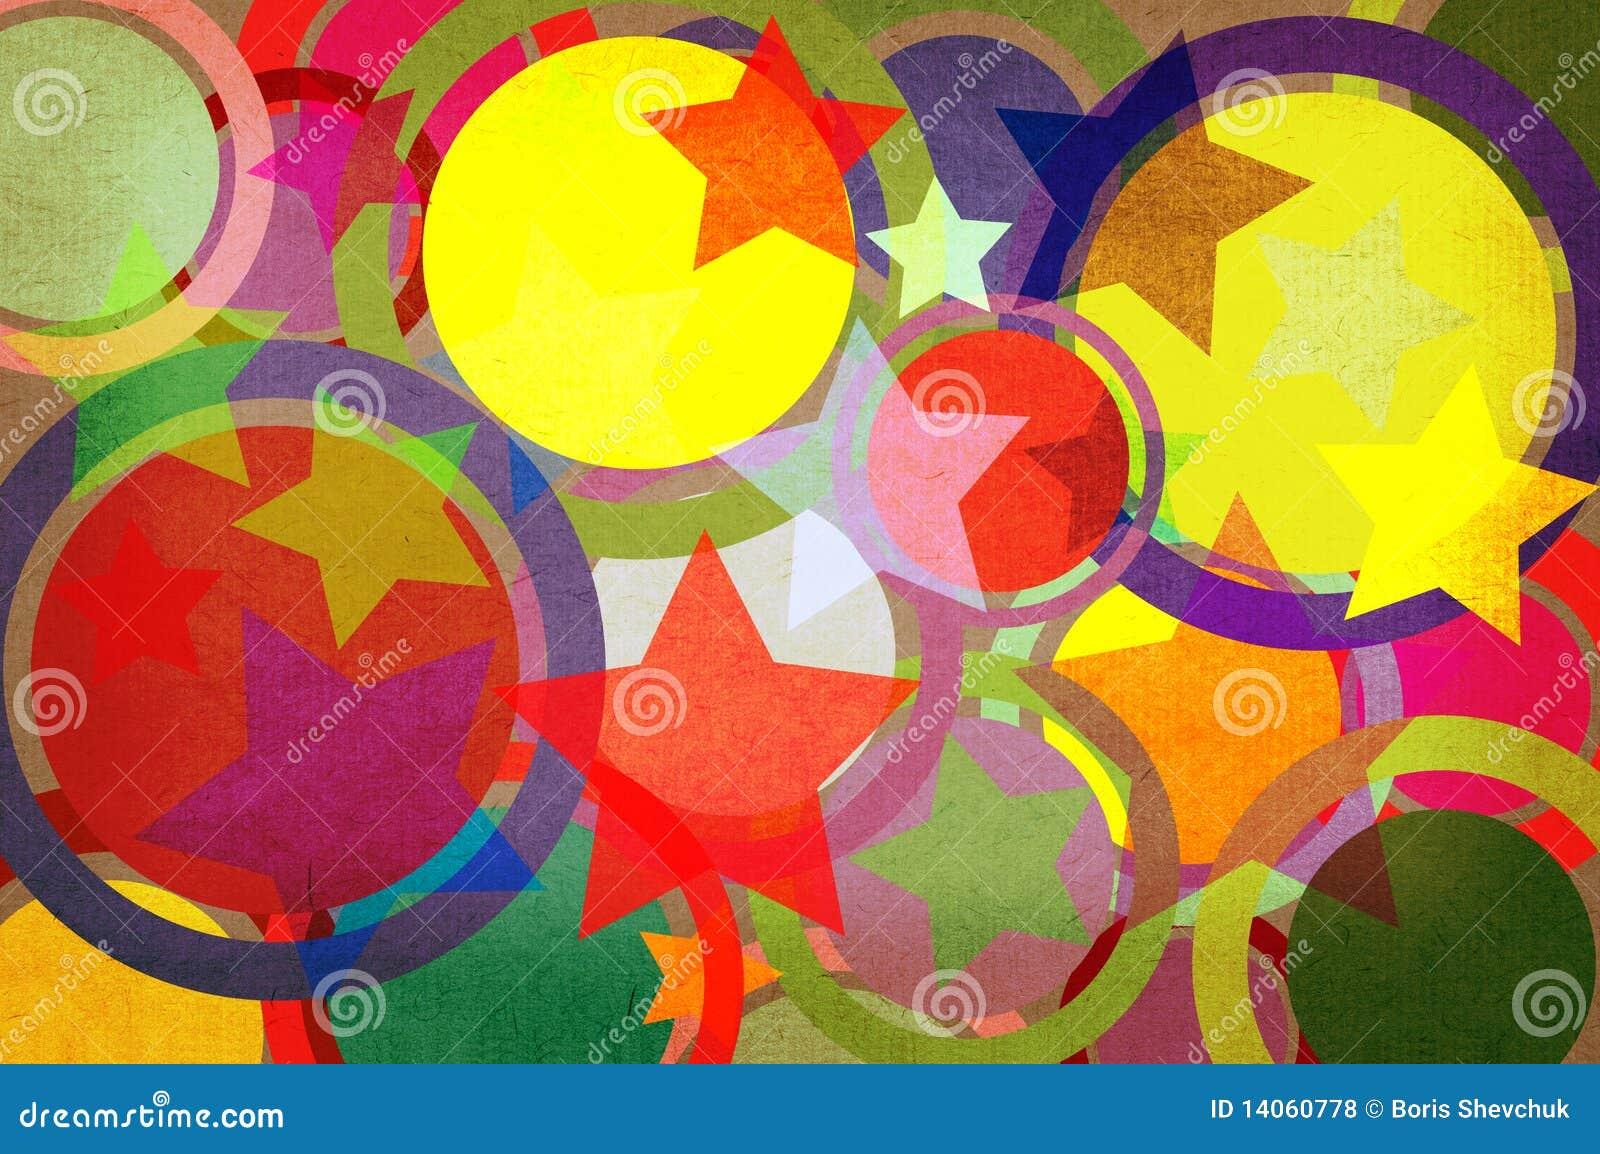 Sterne und Kreise auf einem Papier.